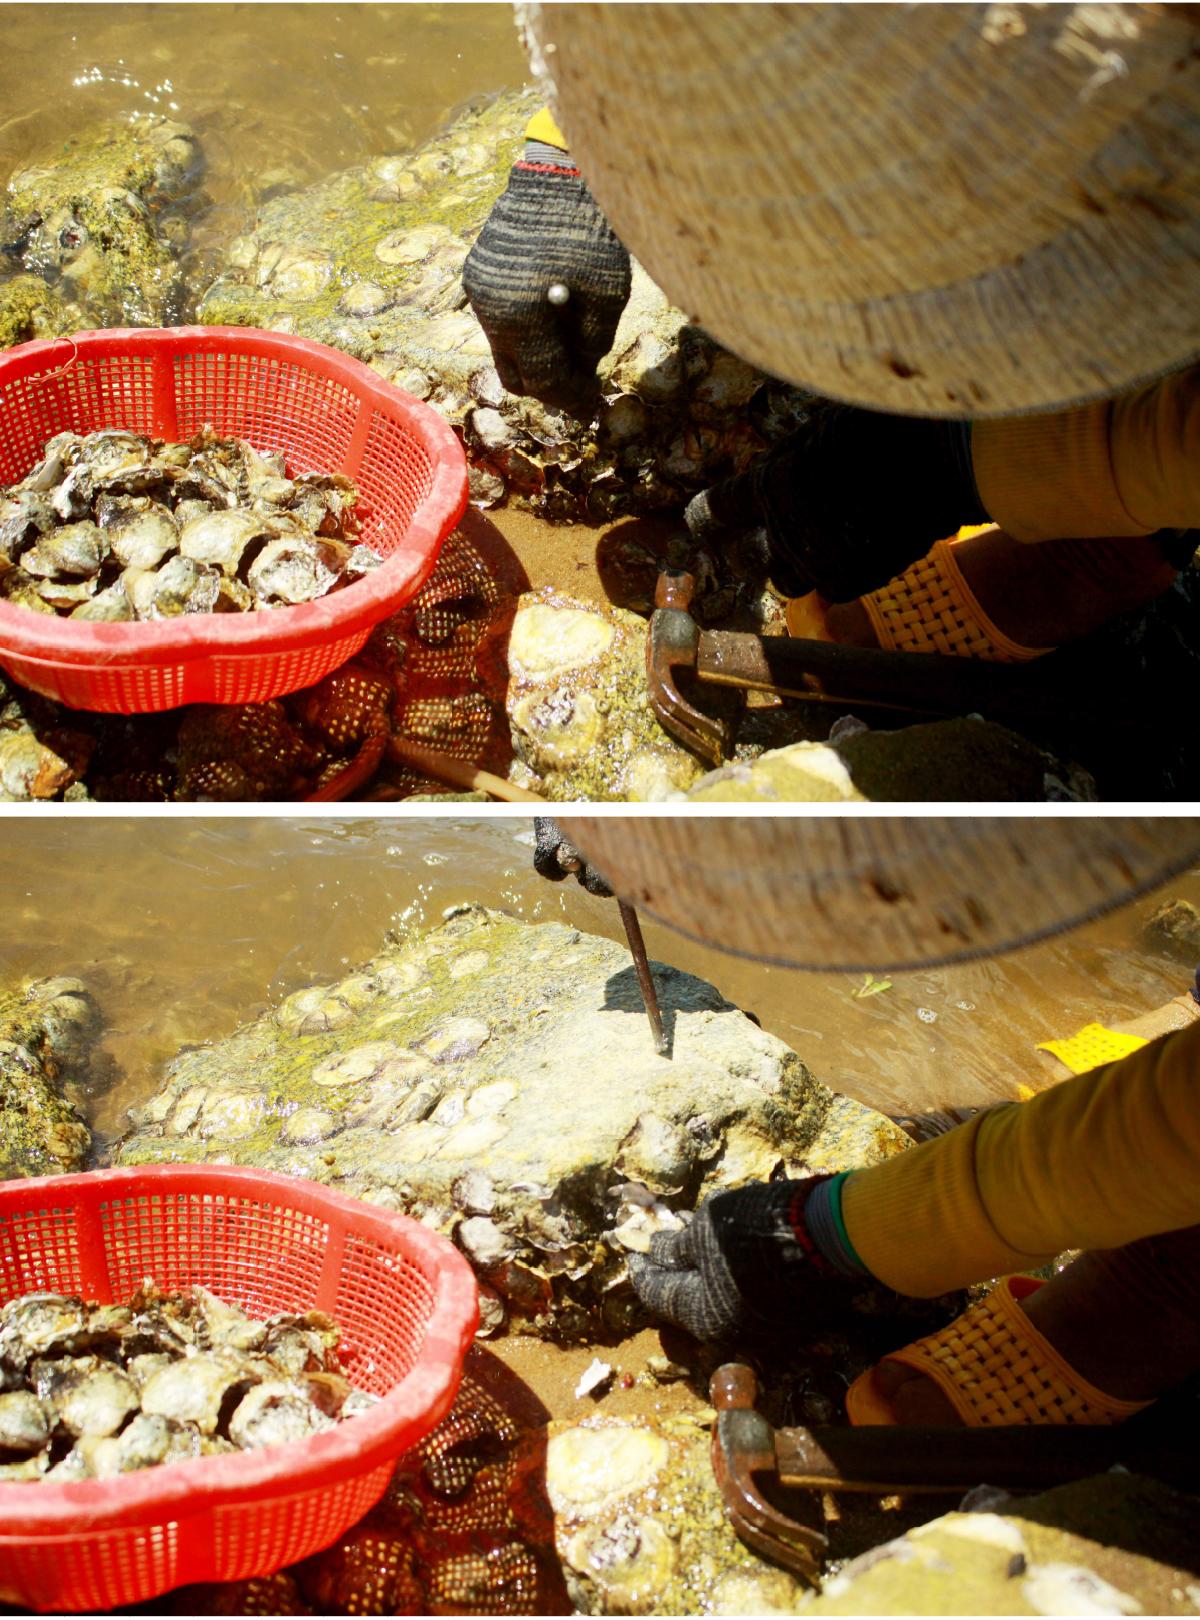 Nhọc nhằn nghề đẽo đá, đục hàu nơi cửa biển  ảnh 12